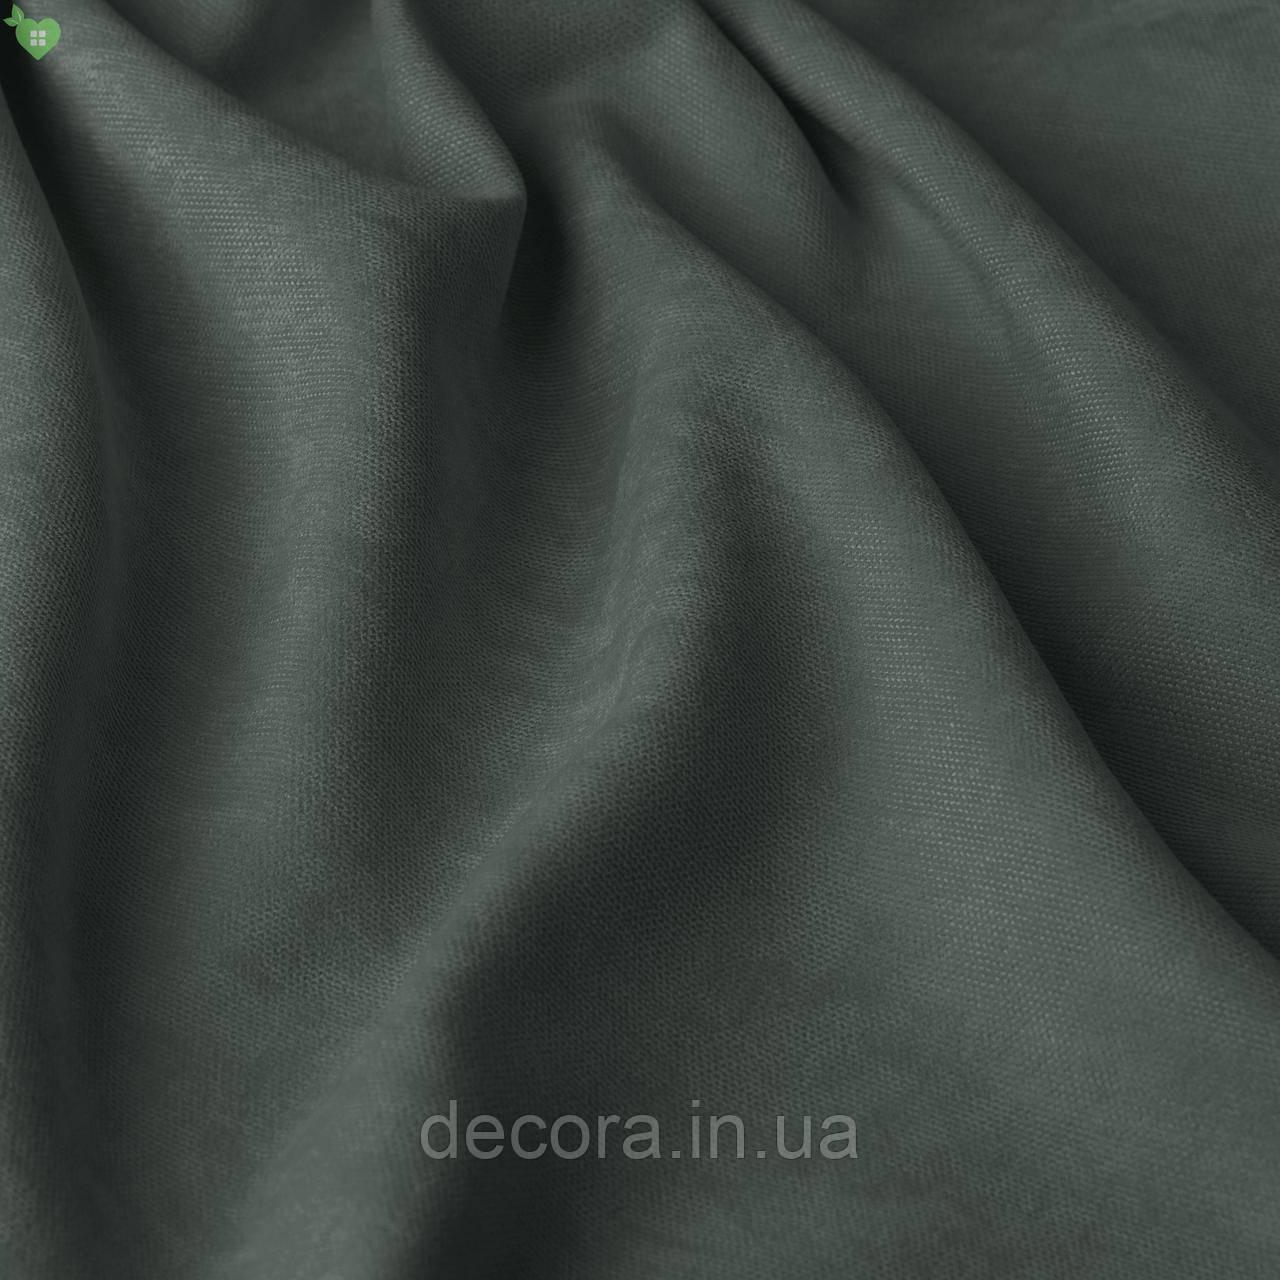 Римська штора із однотонної тканини велюр, темно-сірий 121000v35